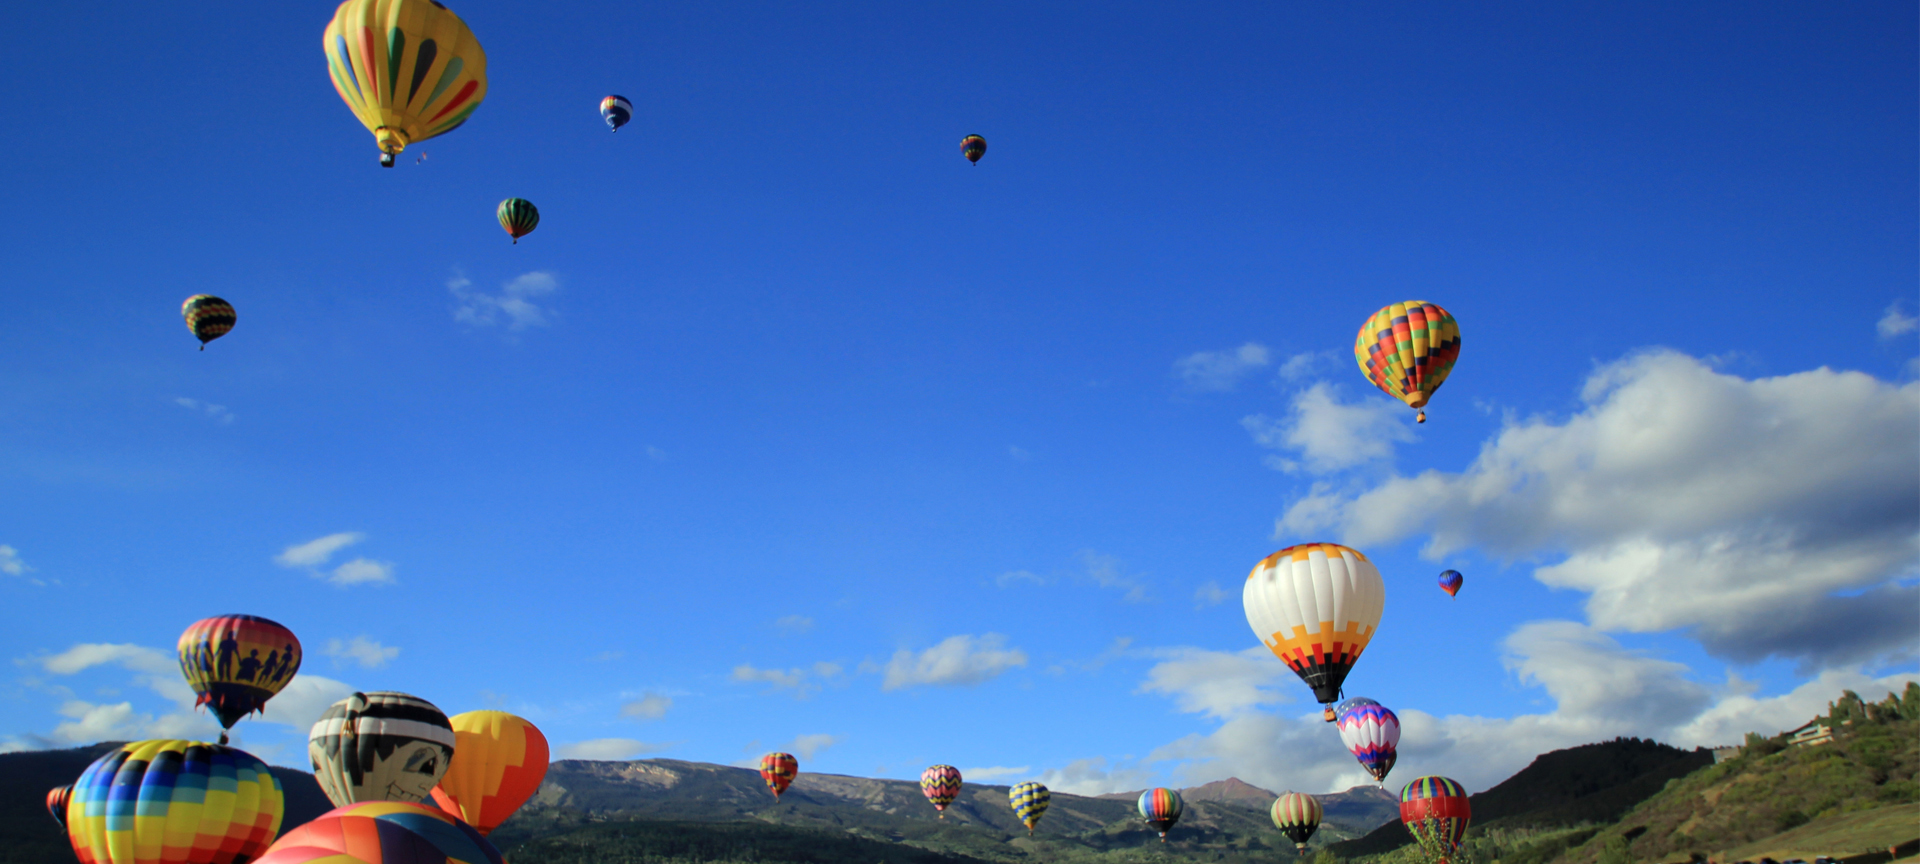 Home 1-balloons